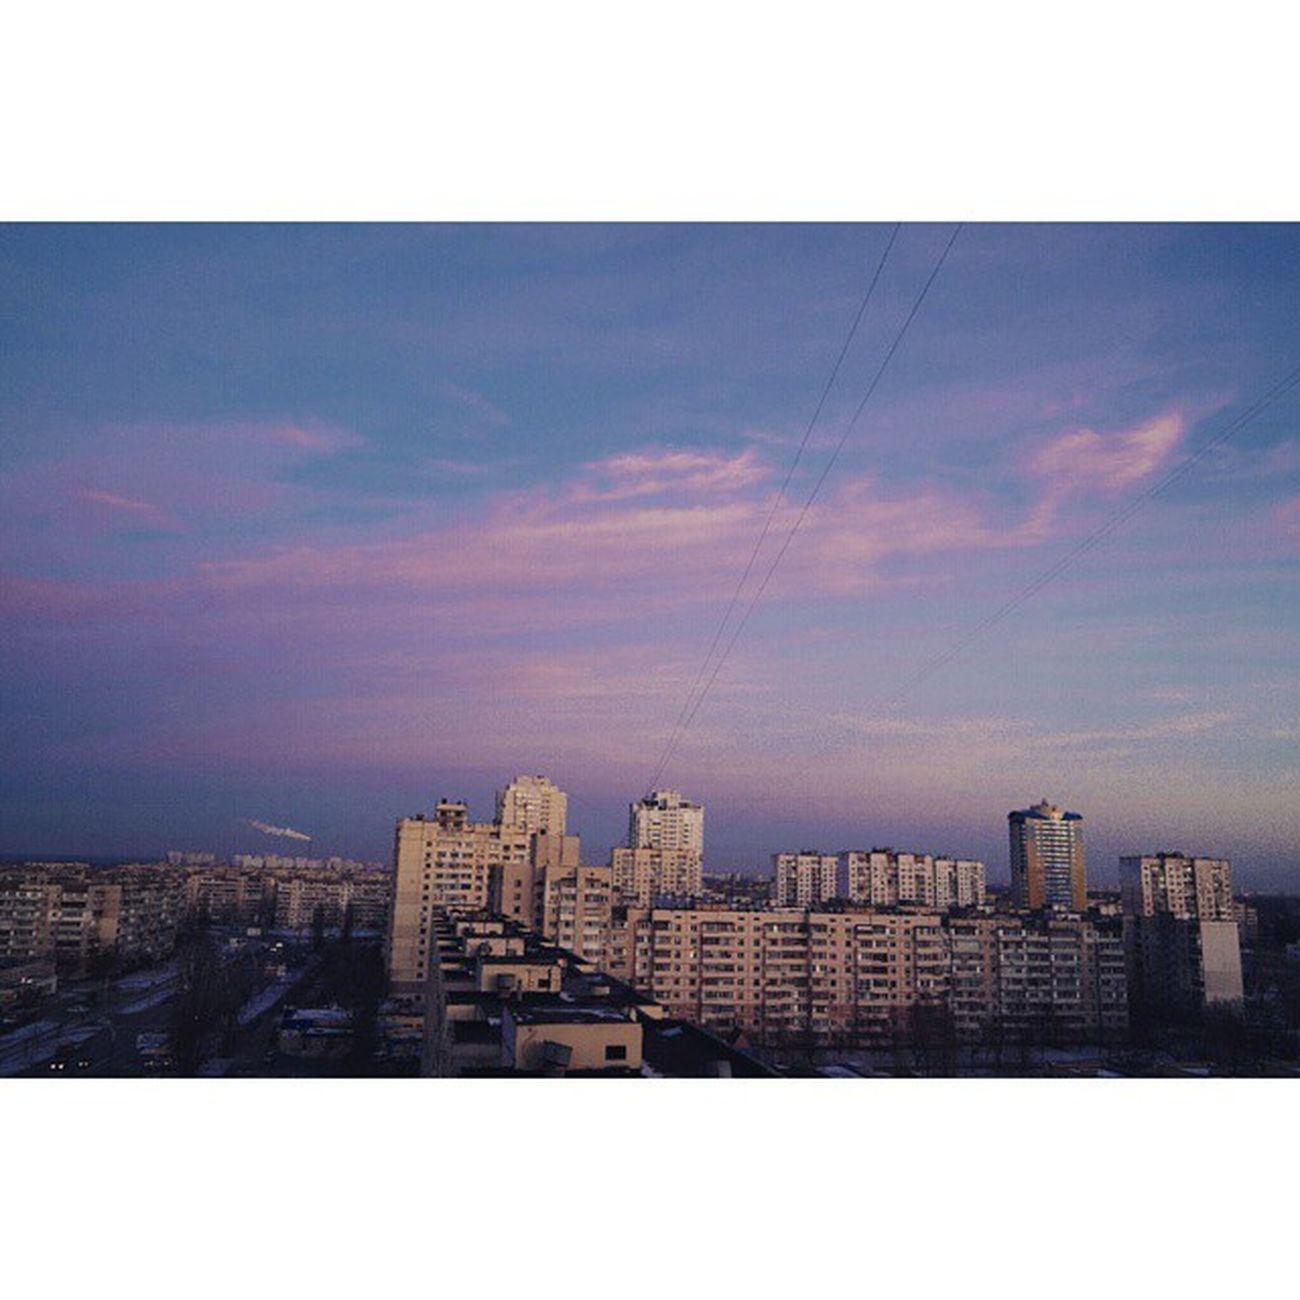 핑크빛하늘! 네버랜드같아👐 우크라이나 키예프 Kiev 크리스마스 다음날 환성적인 하늘 핑크 솜사탕 네버랜드 피터팬 2 되고싶은날 👼